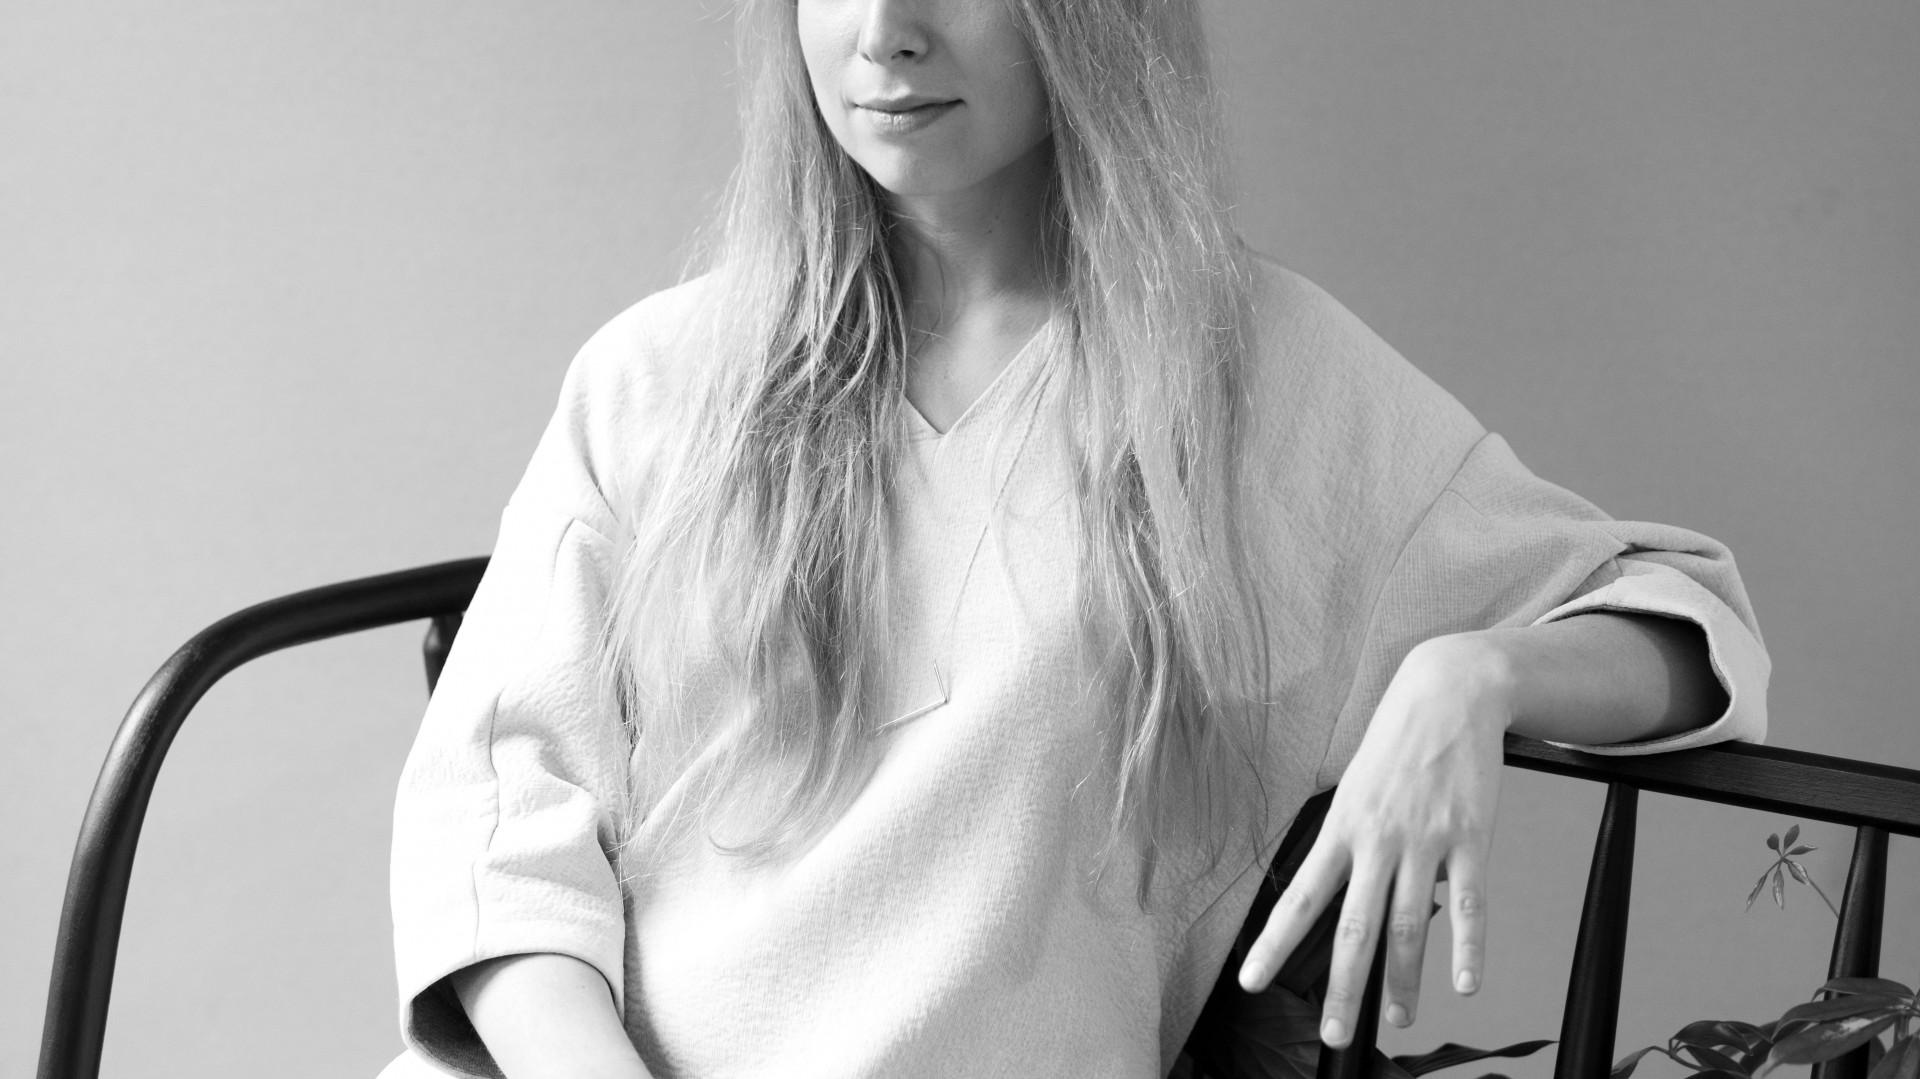 Maja Ganszyniec studiowała na krakowskiej ASP i londyńskim Royal College of Arts. Na koncie ma współpracę z takimi markami, jak DuPont, Amica czy IKEA. Dla tej ostatniej w 2016 roku zaprojektowała autorską kolekcję.